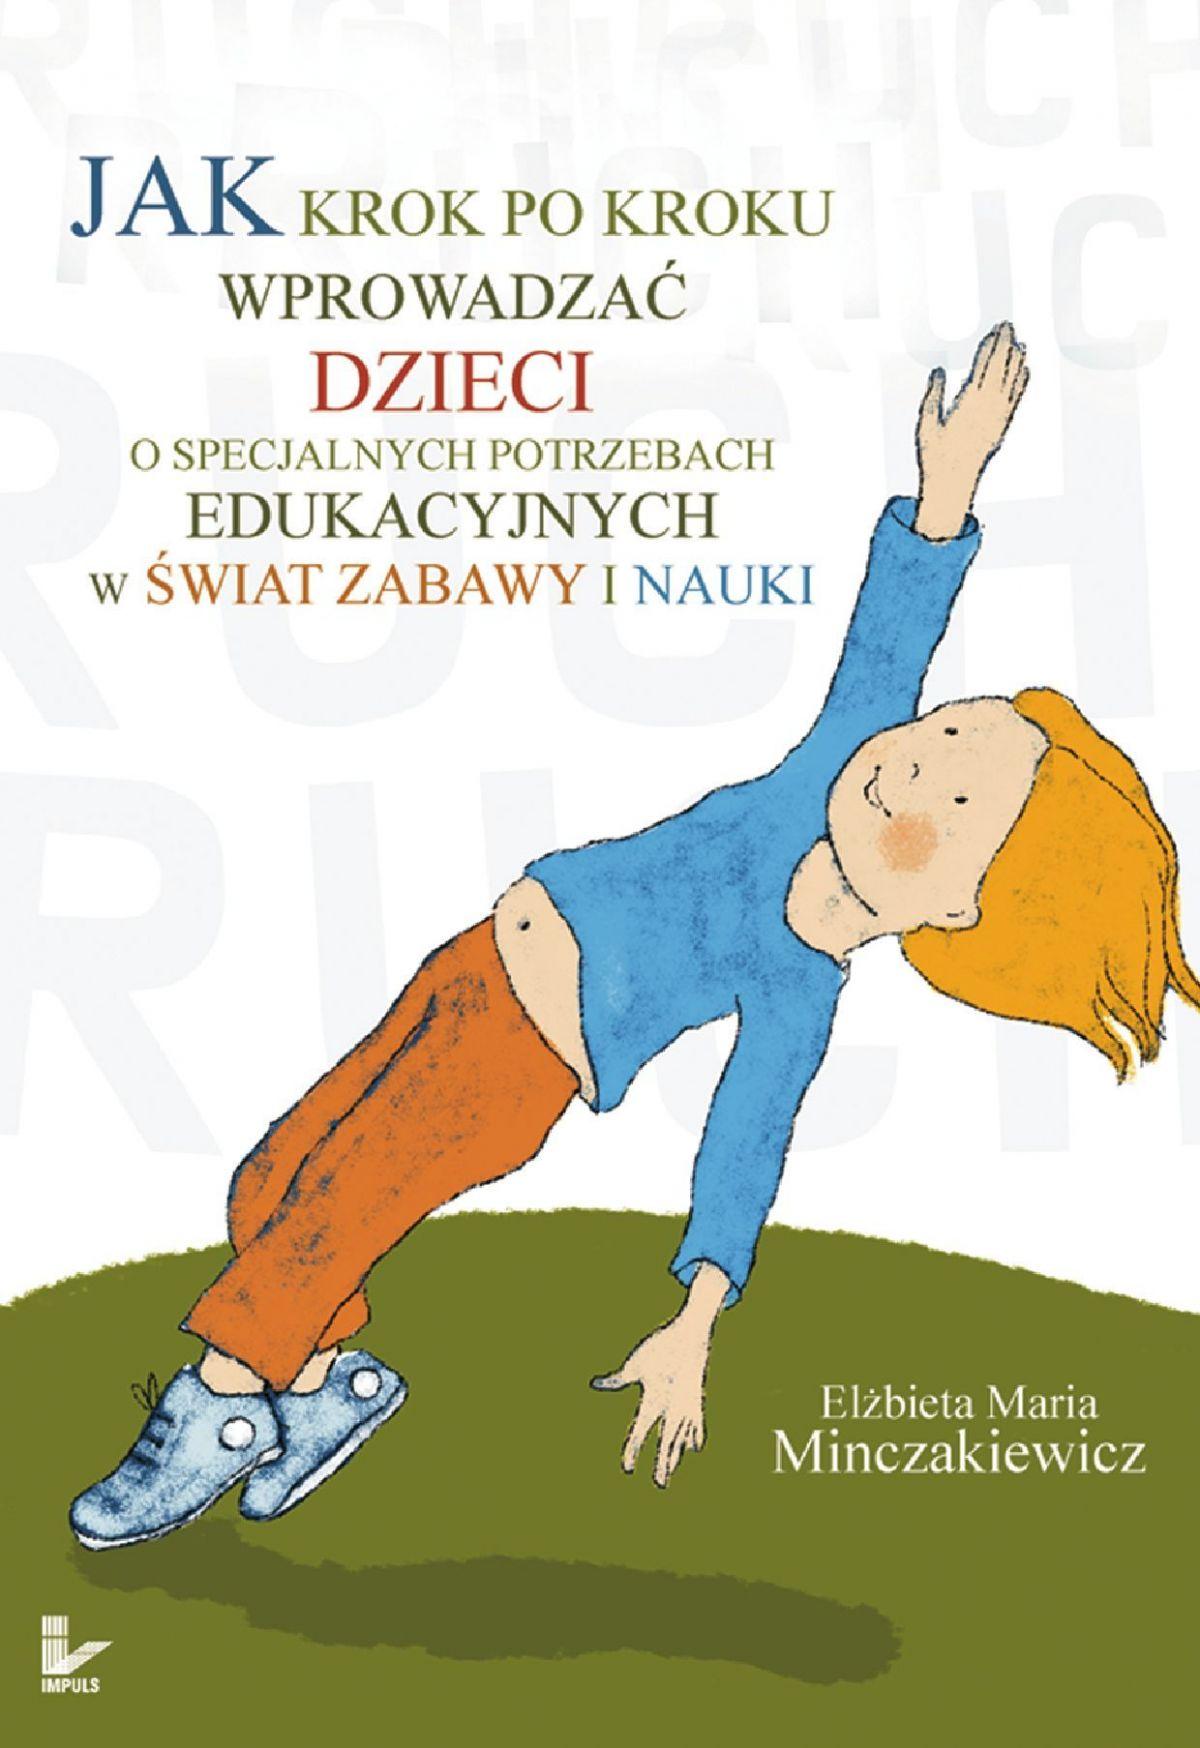 Jak krok po kroku wprowadzać dzieci o specjalnych potrzebach edukacyjnych w świat zabawy i nauki - Ebook (Książka EPUB) do pobrania w formacie EPUB